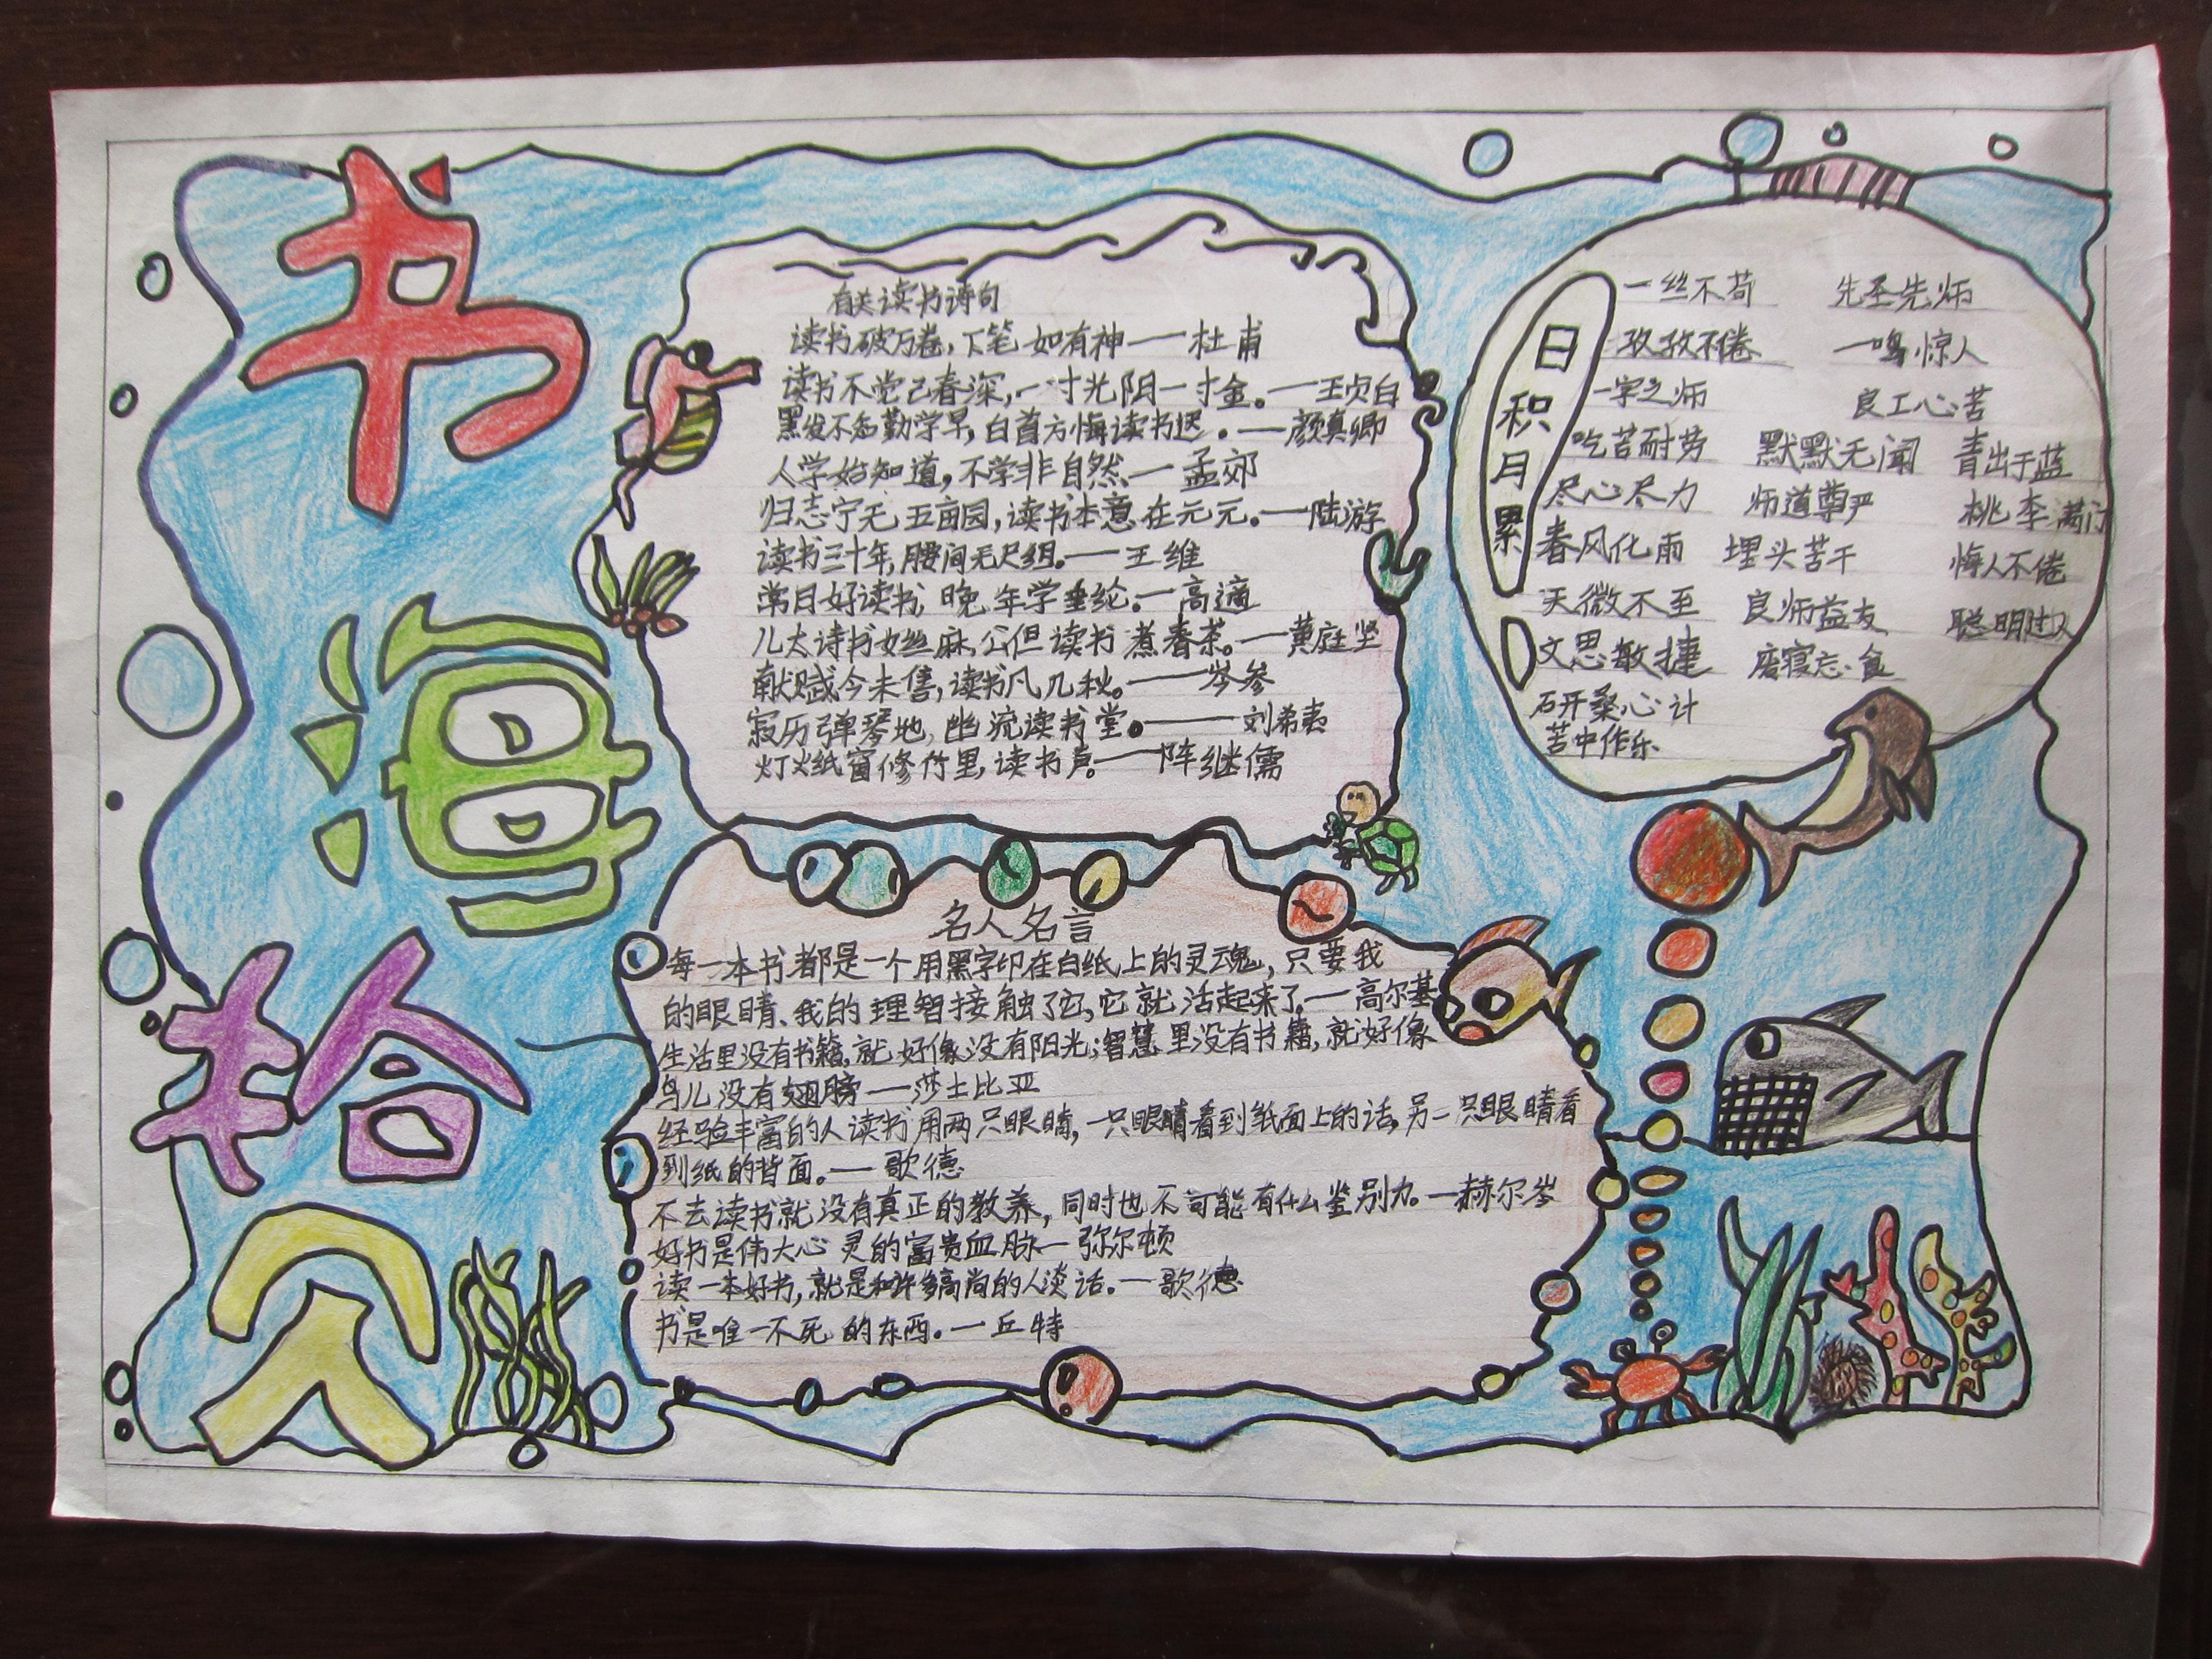 埭里小学终身读书系列报道 读书手抄报设计大赛